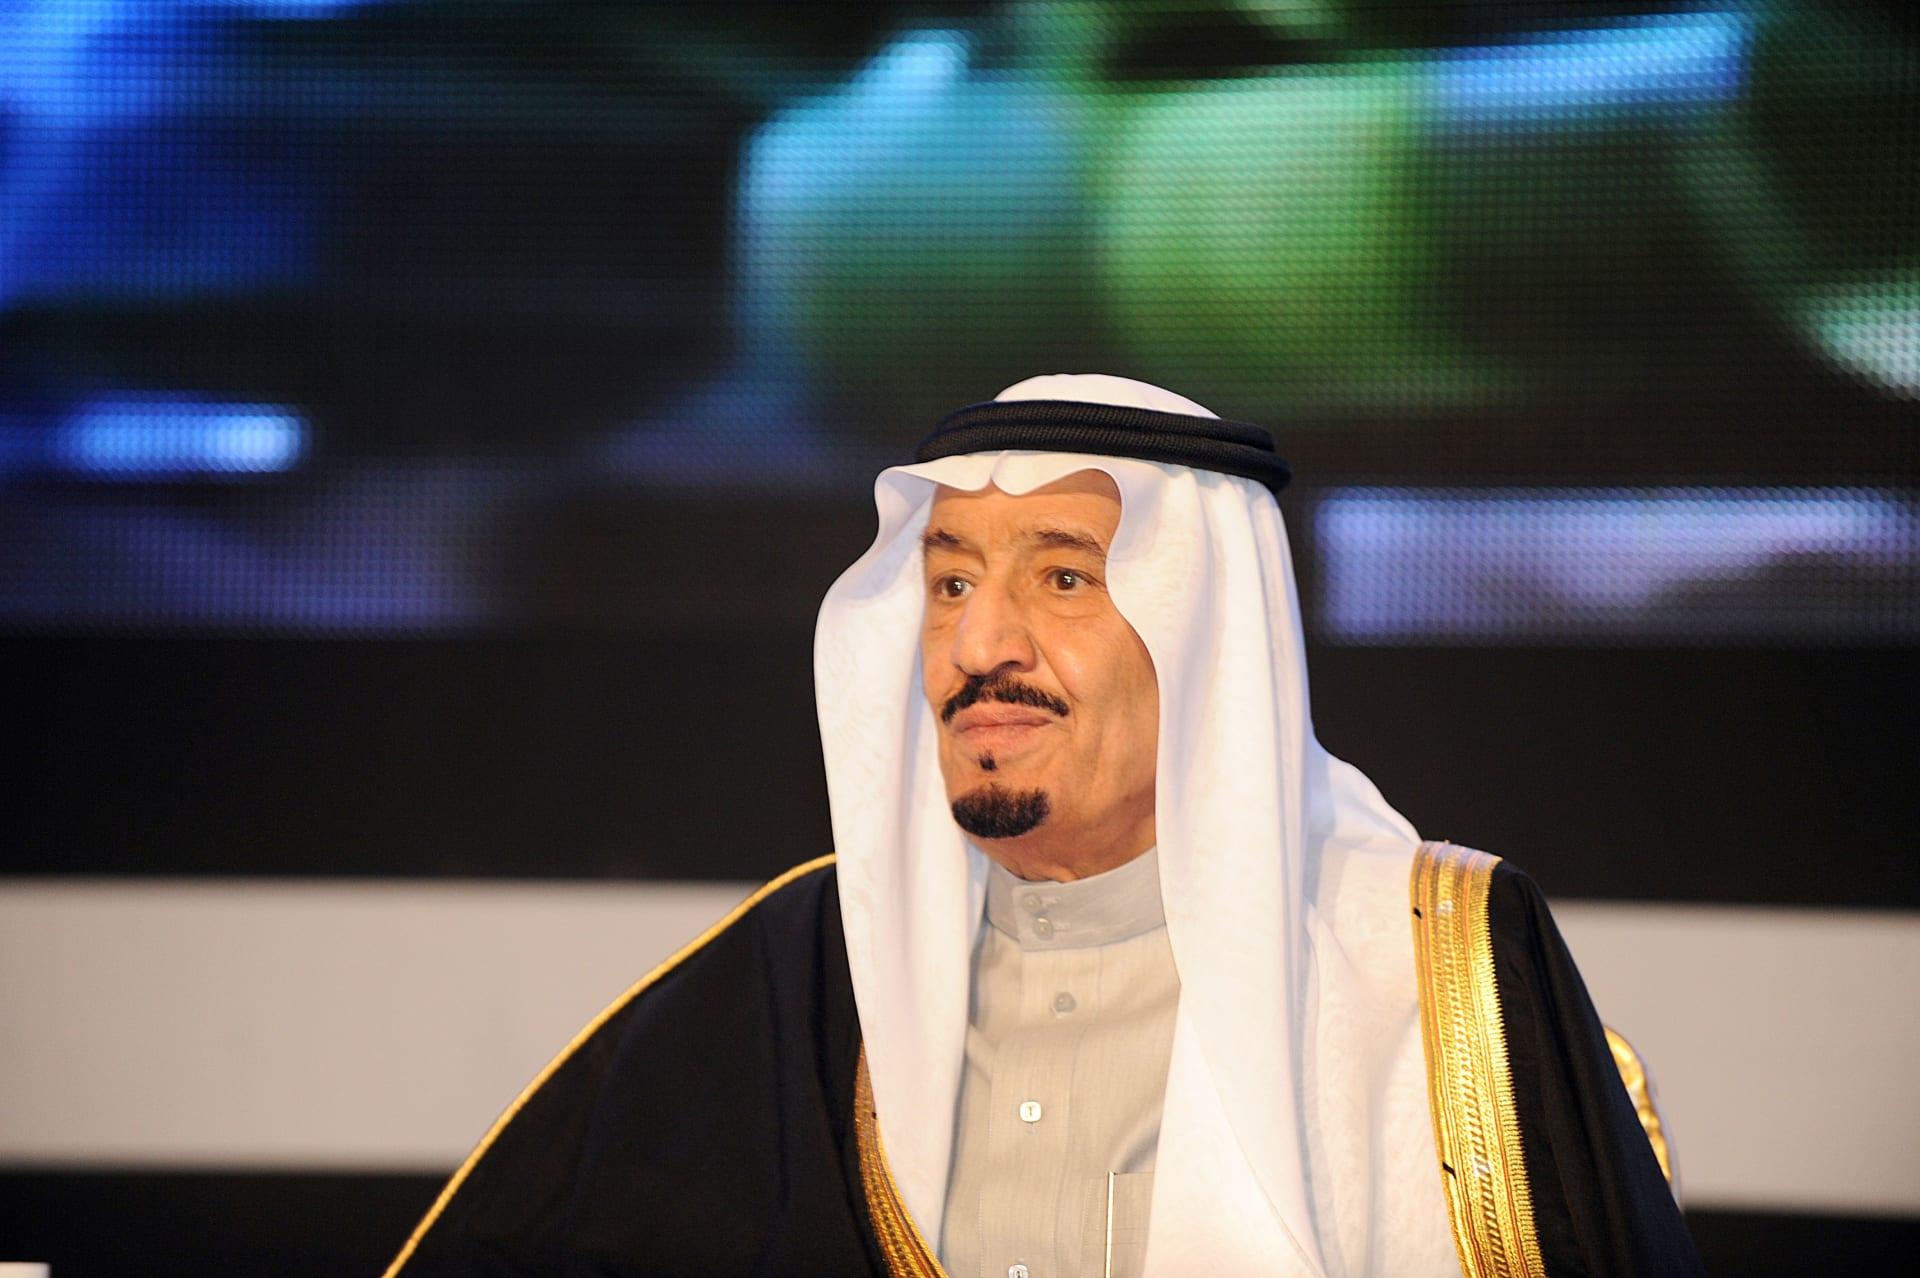 الملك سلمان: إيران استلغت تعاملنا الإيجابي لتوسيع نفوذها.. ويجب نزع سلاح حزب الله